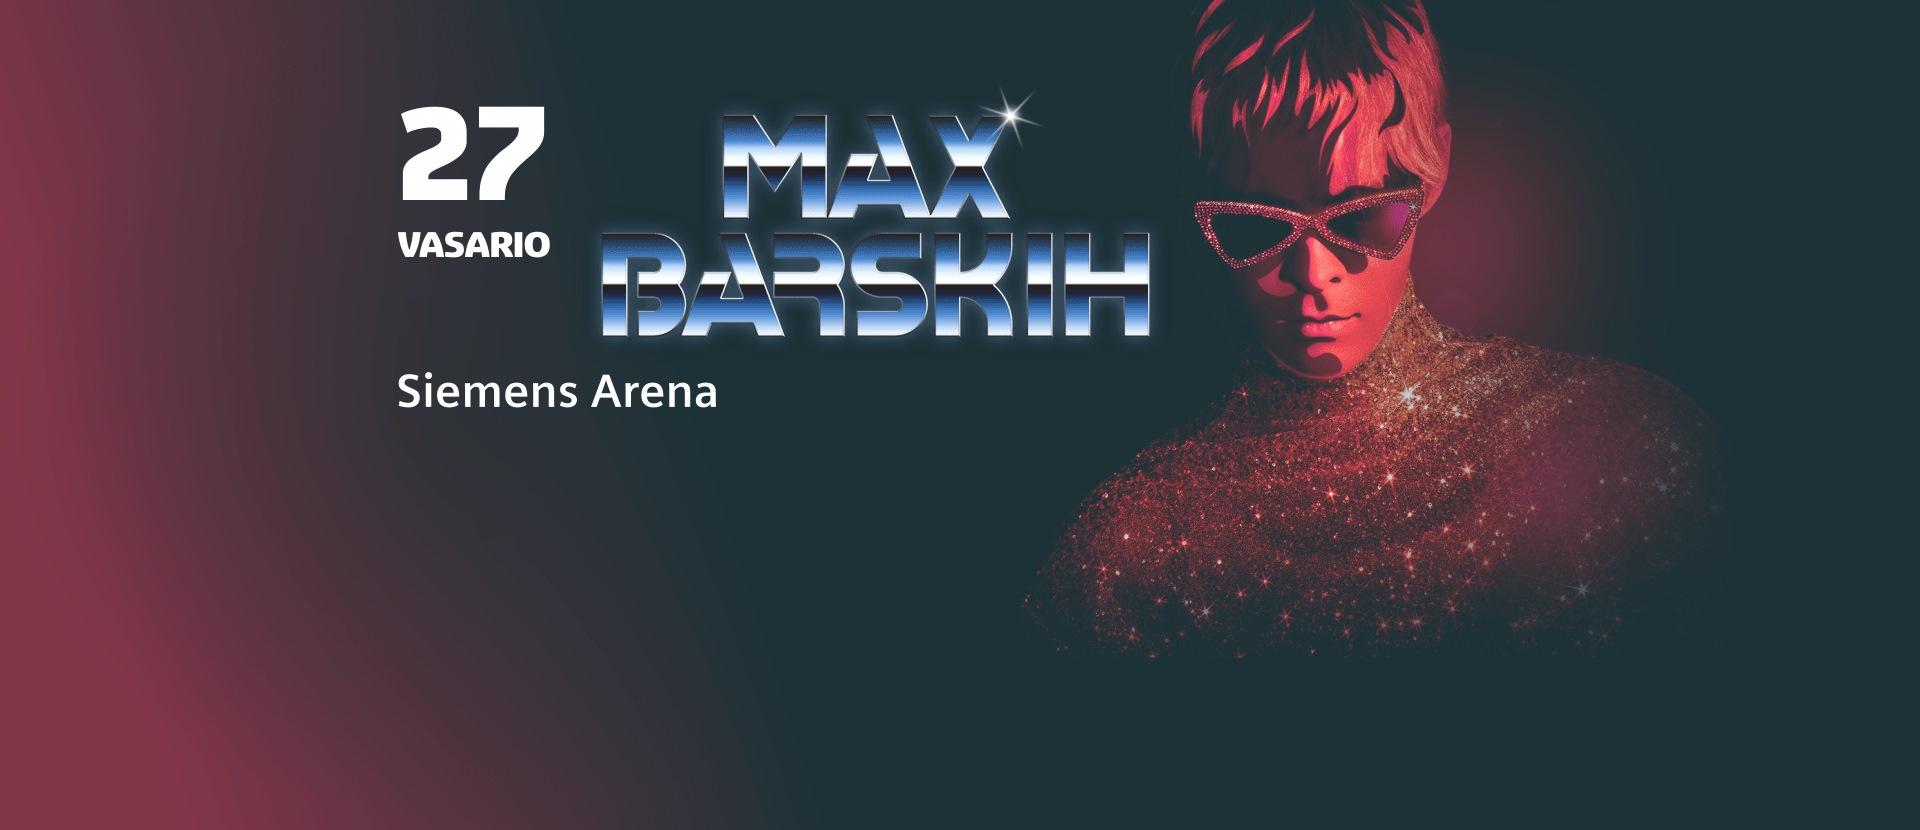 Max Barskih SHOW - 7